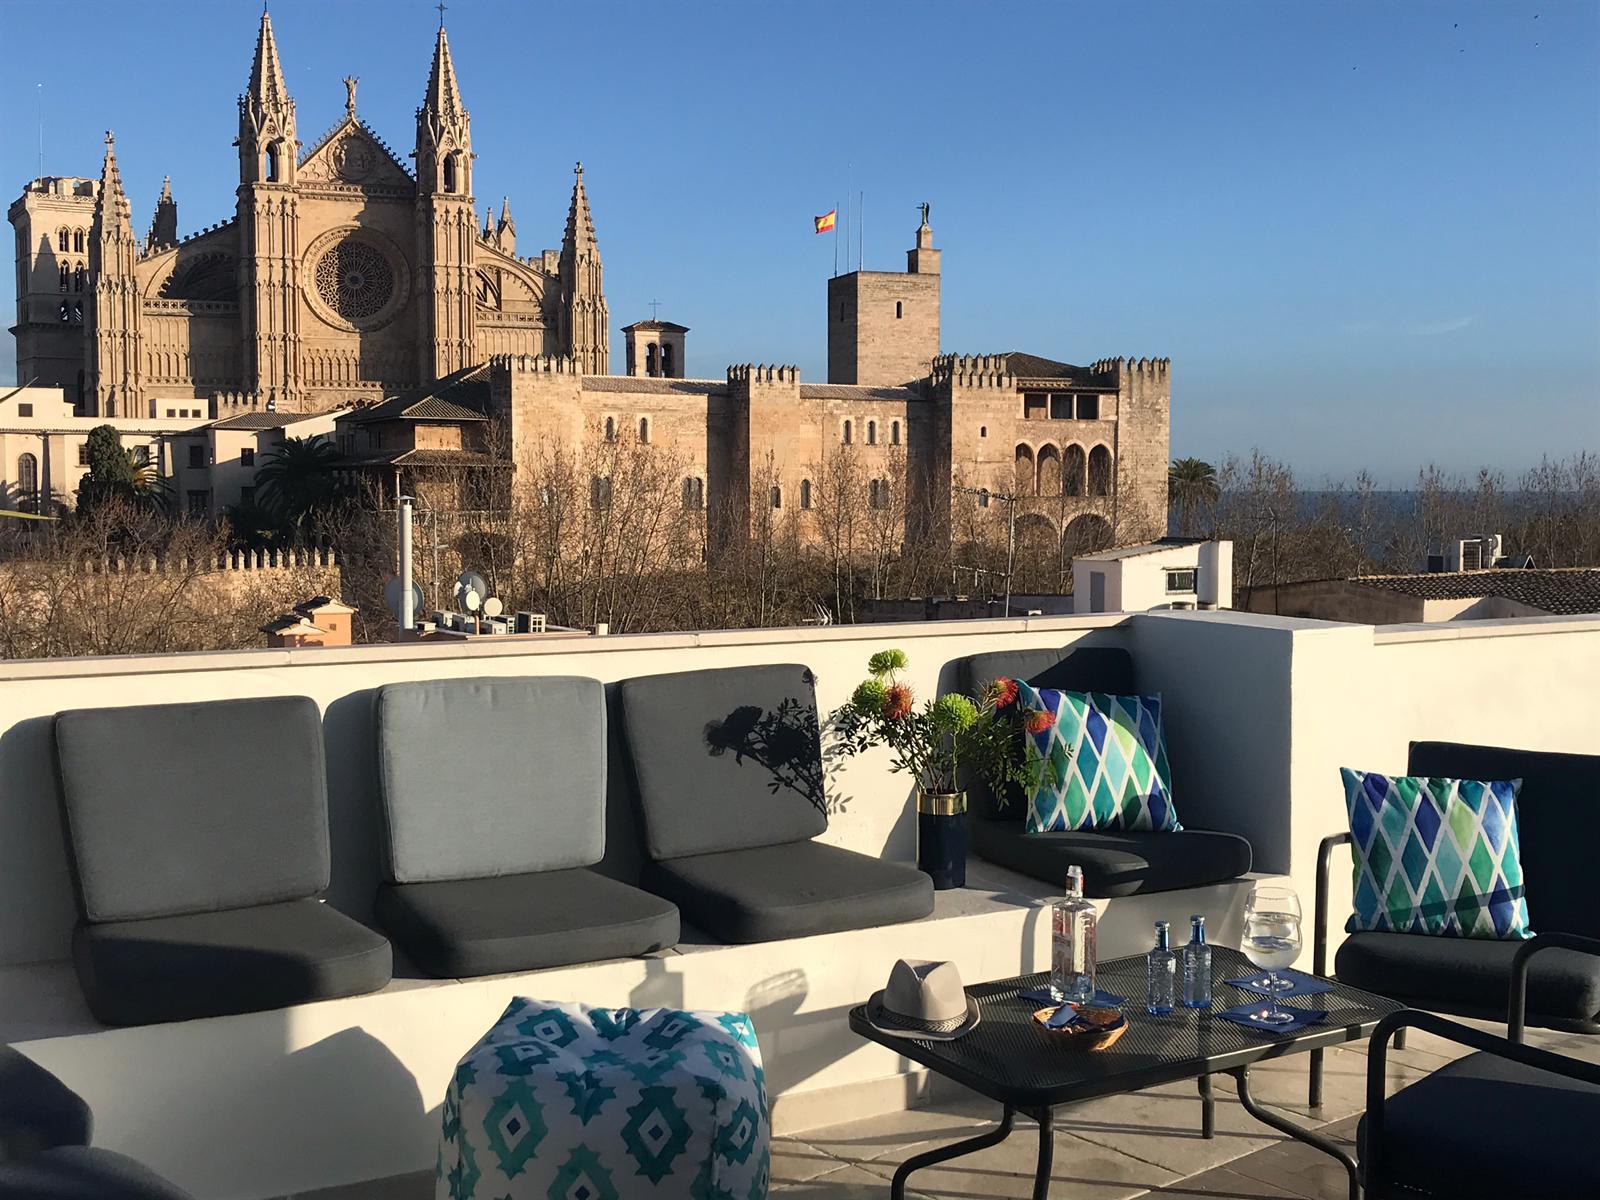 AZULAZULETE · Arquitectura e Interiorismo – Apuntadores 8, Palma de Mallorca